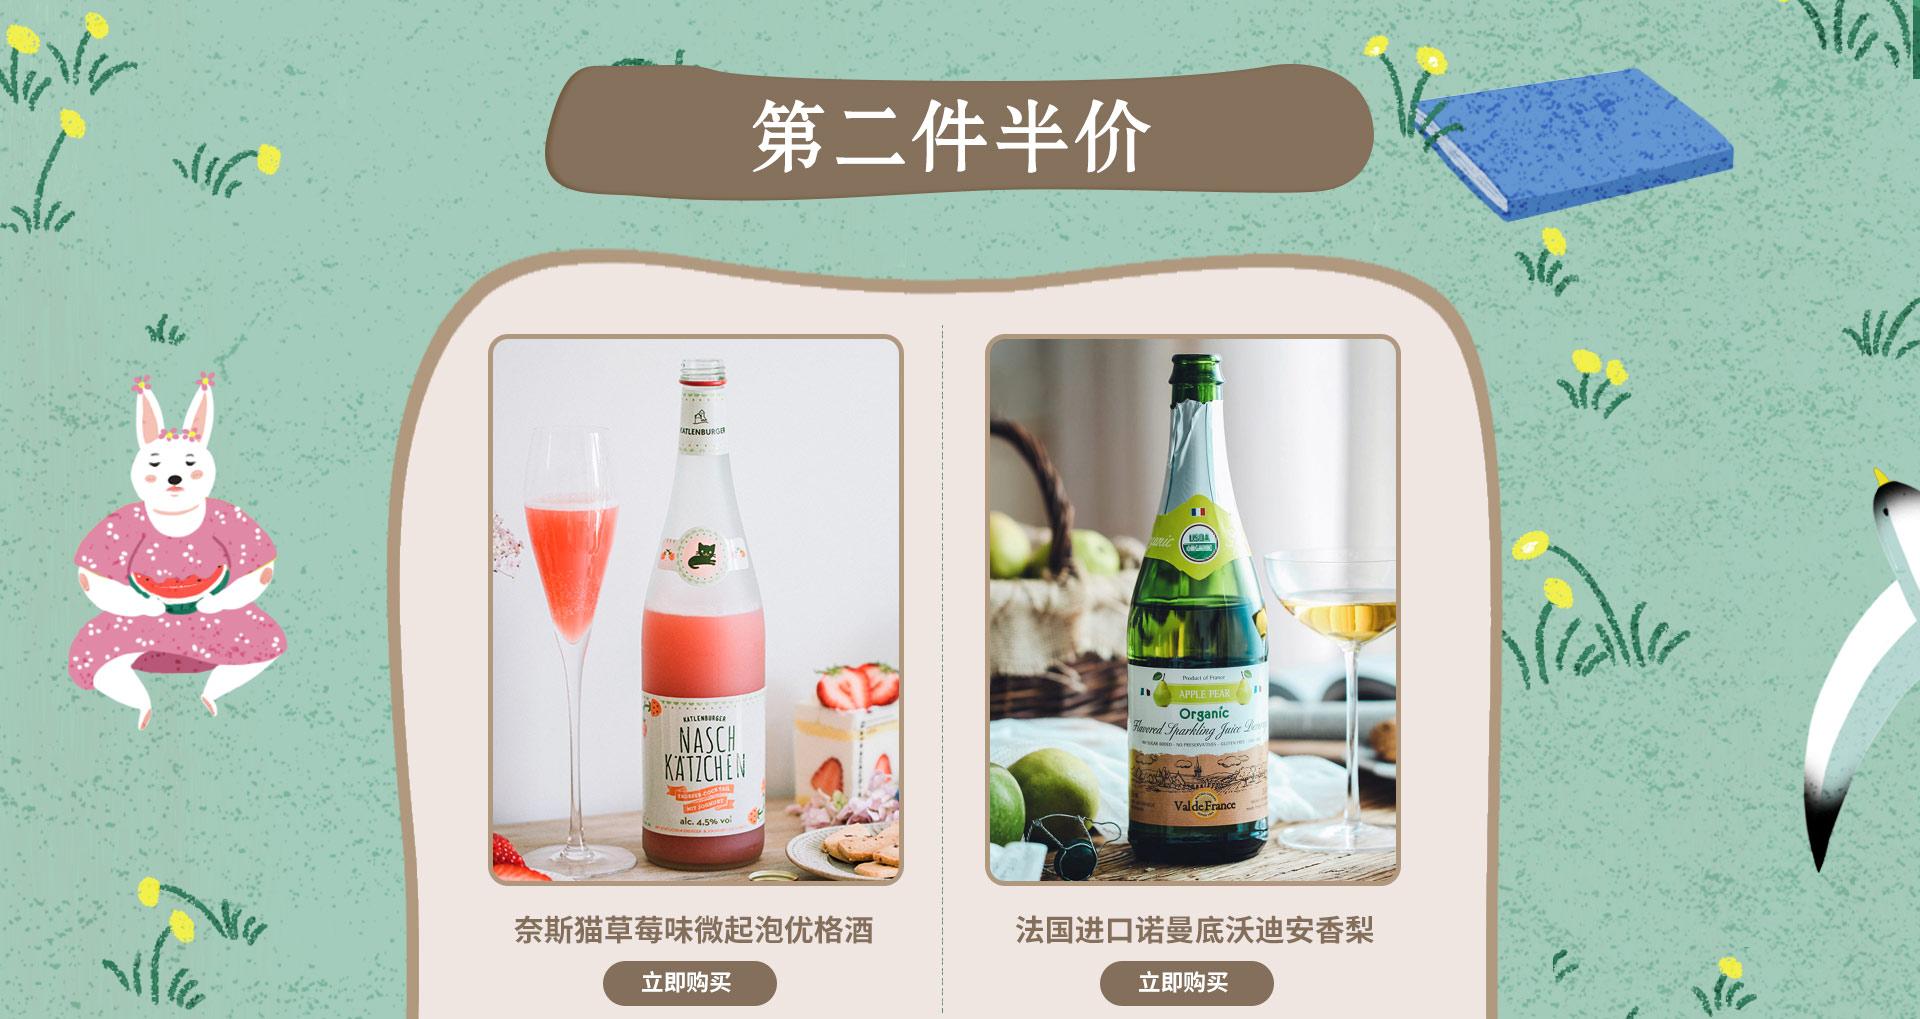 路易拉菲干红葡萄酒_威赛帝斯葡萄酒精品店 - 京东